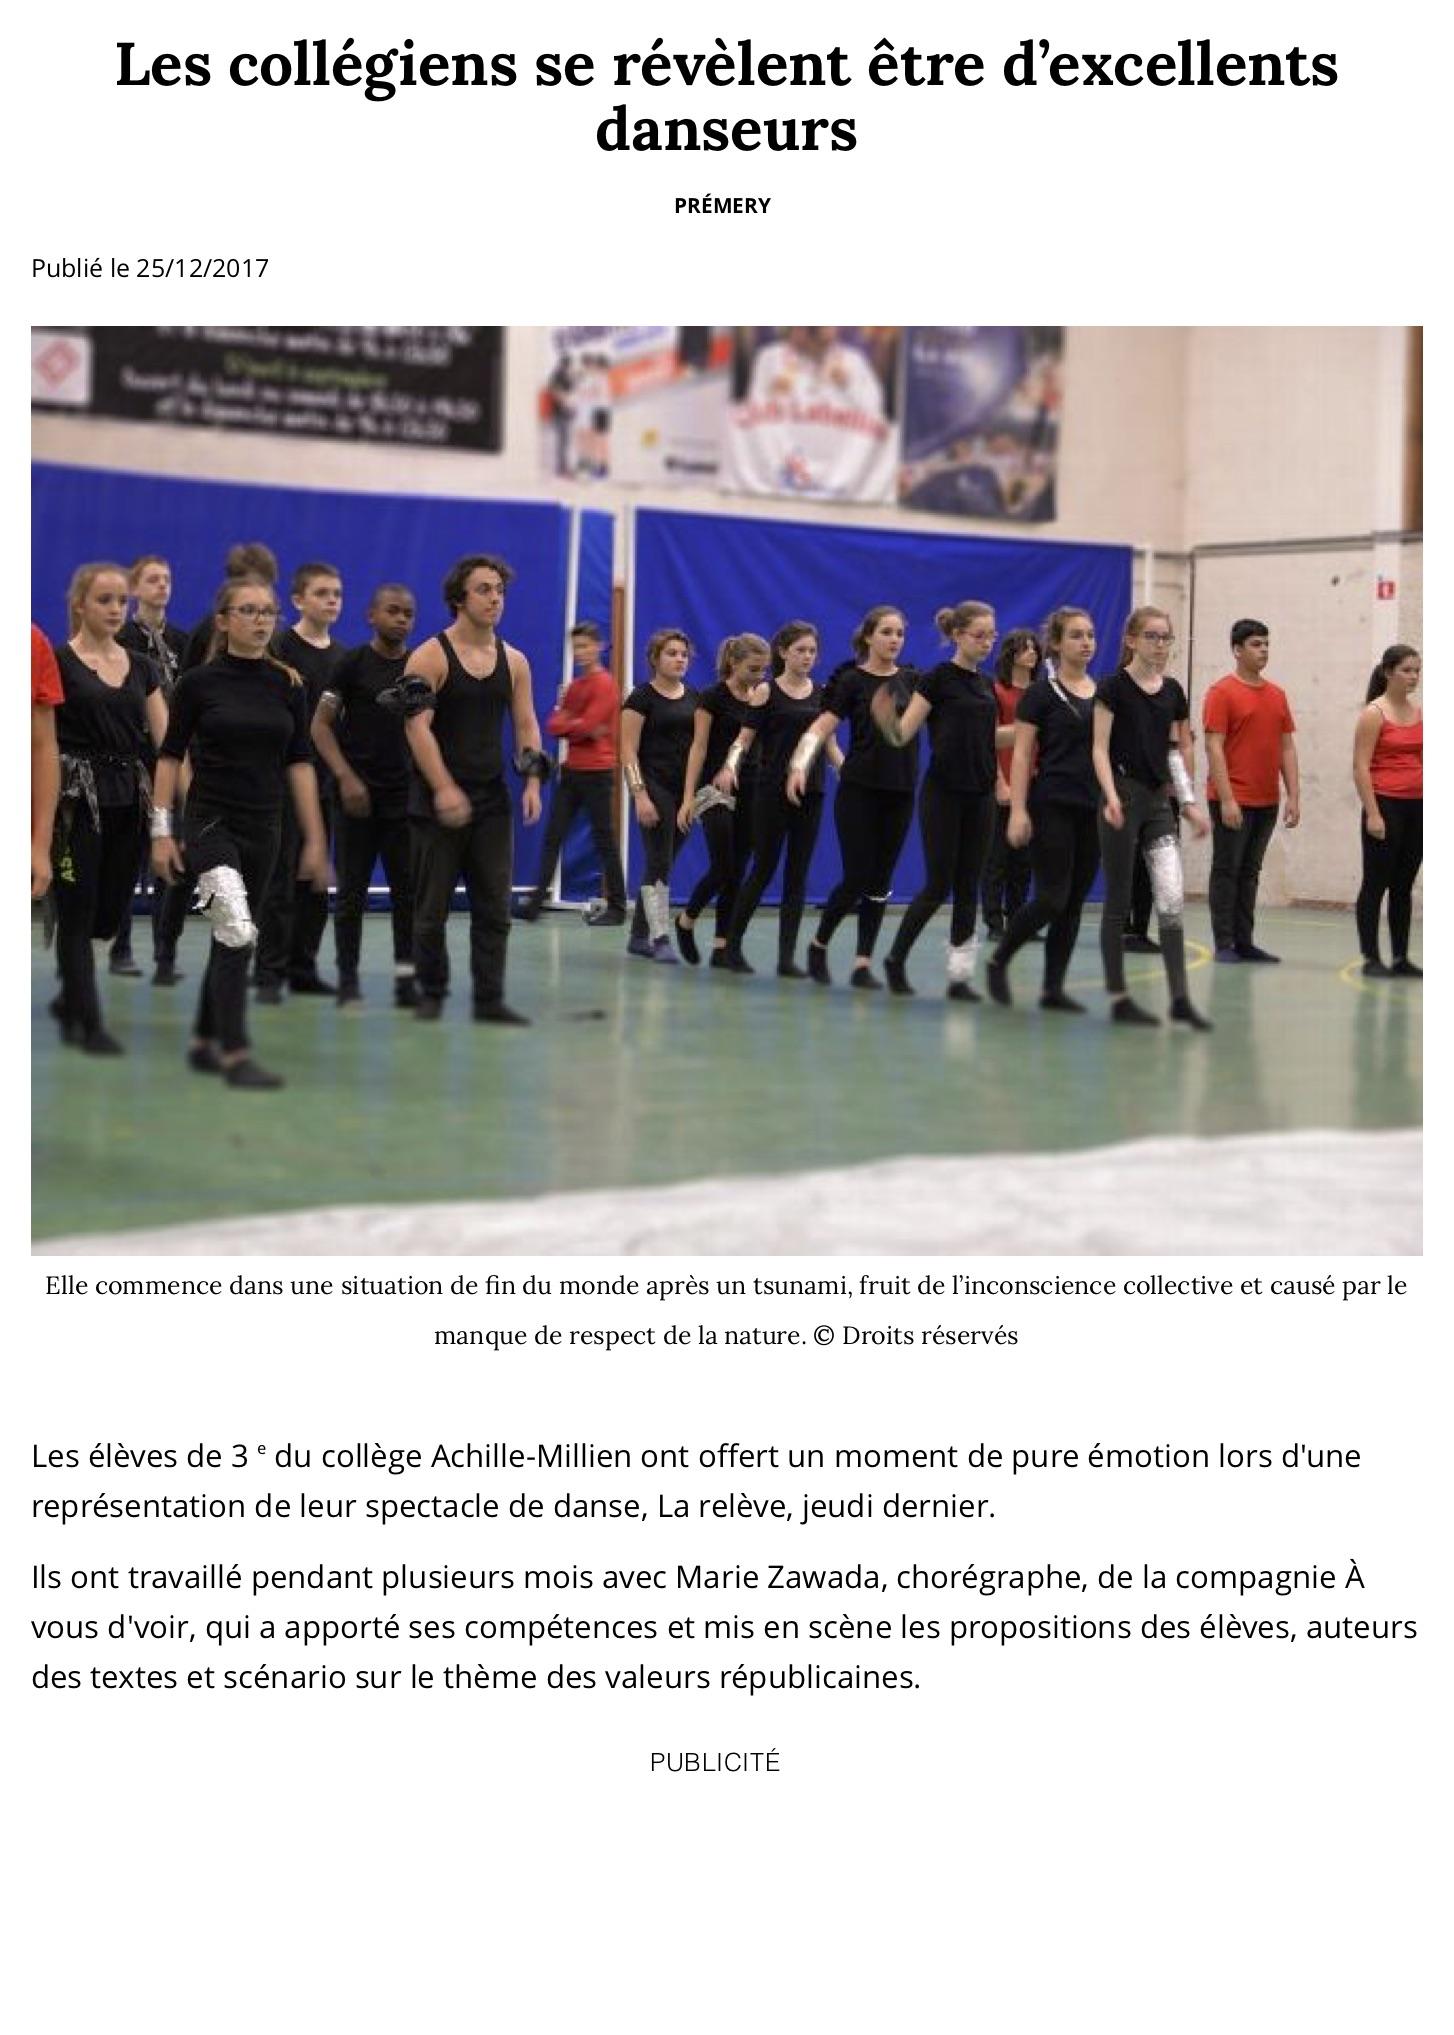 Les collégiens se révèlent être d'excellents danseurs - Prémery (58700) - Le Journal du Centre